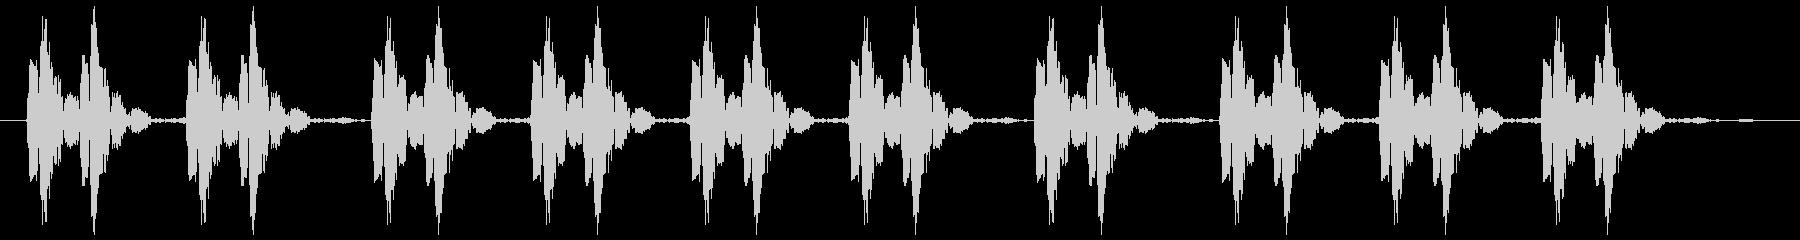 【心臓の脈動】心音【ドクンドクン・・】の未再生の波形